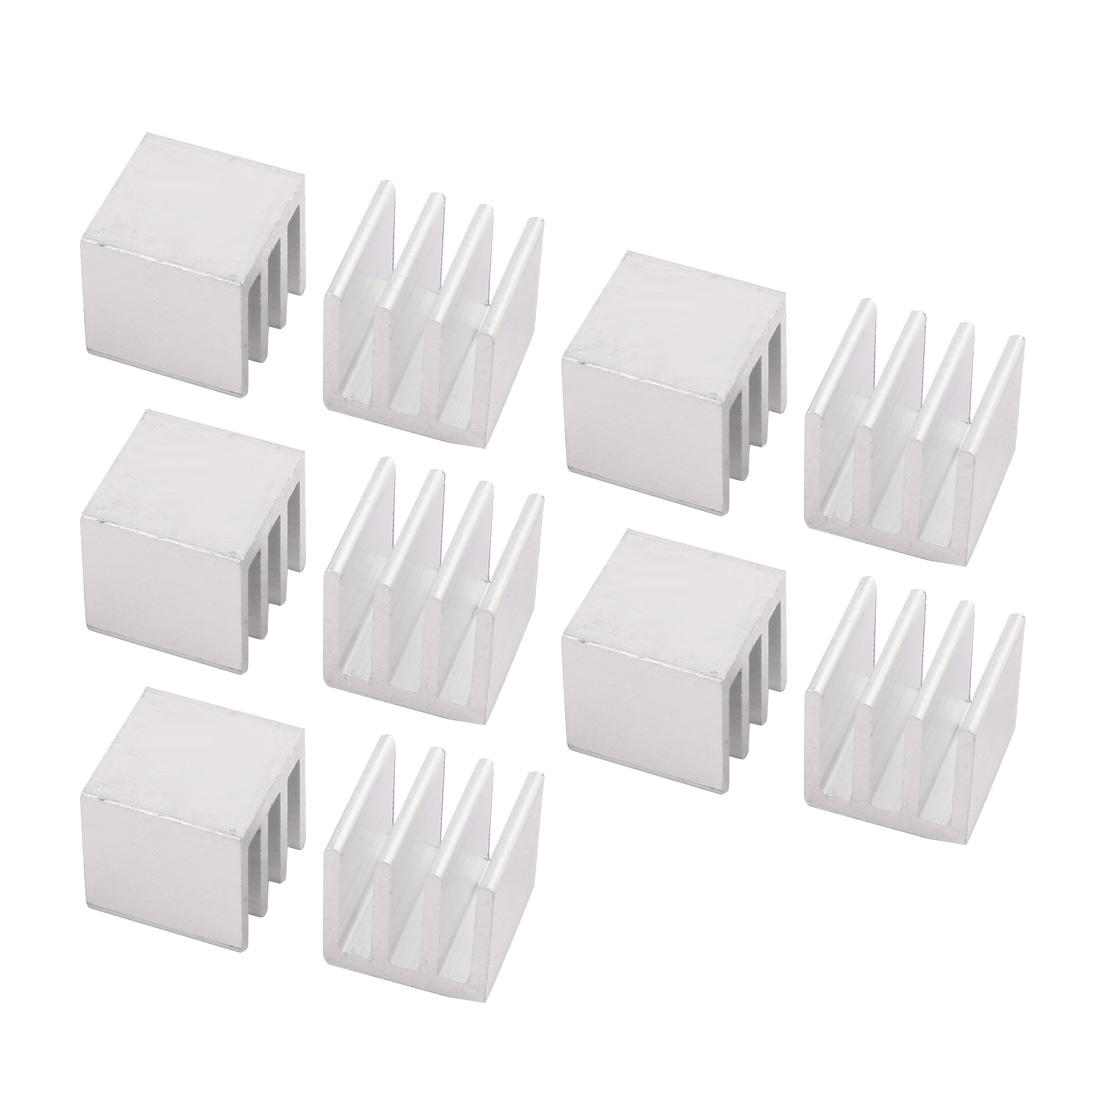 10pcs 10mmx10mmx10mm Aluminum Heatsink Heat Diffuse Cooling Fin